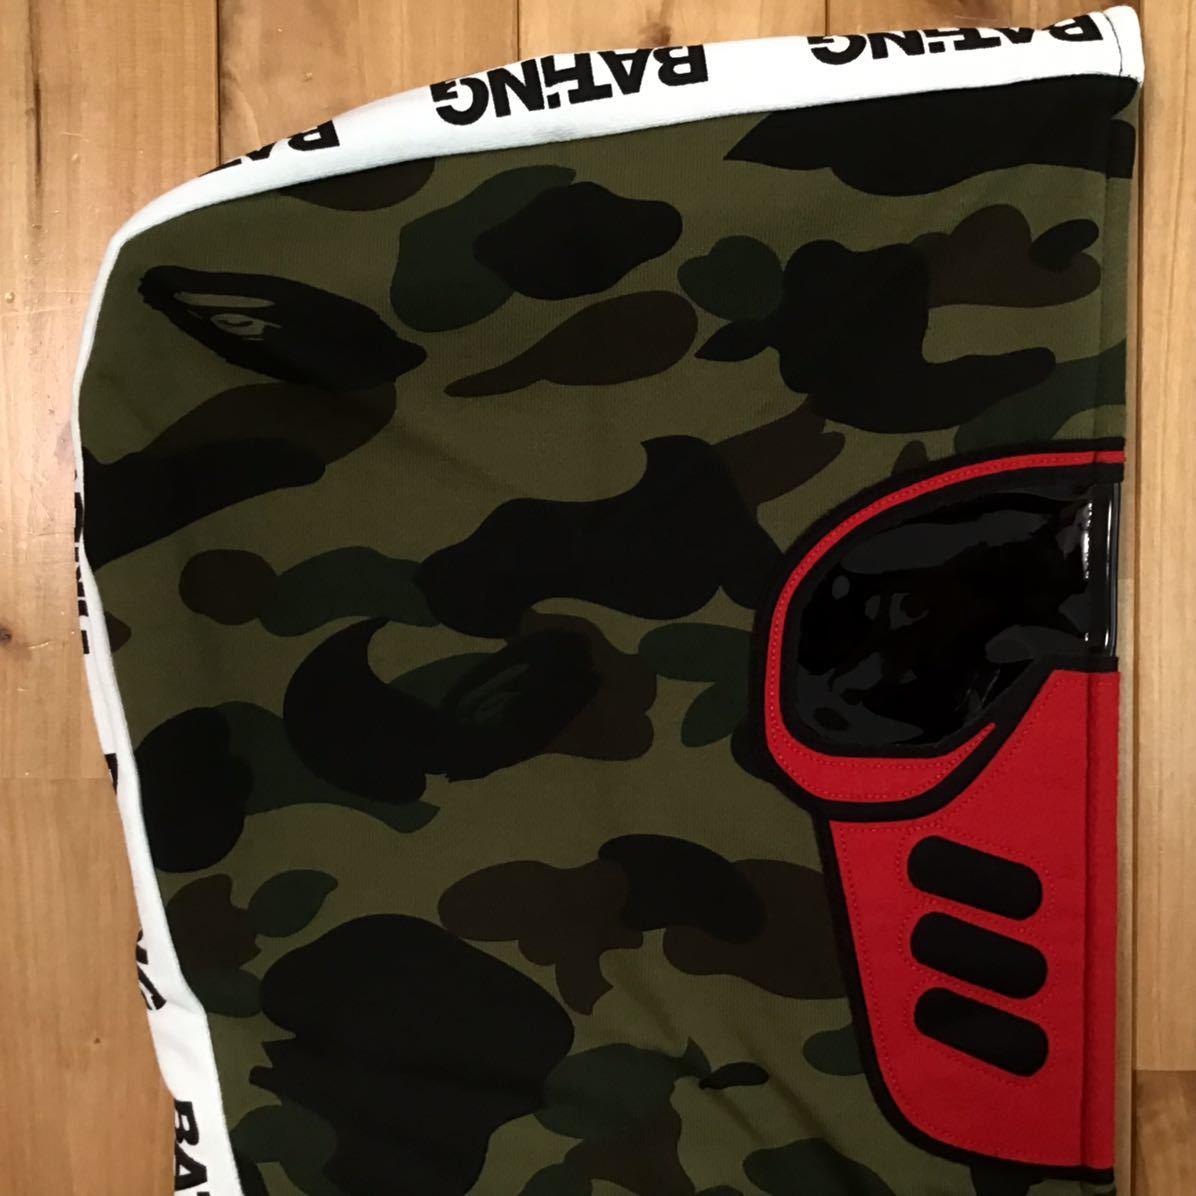 ★新品★ BMX MASK FULL ZIP HOODIE XLサイズ a bathing ape BAPE エイプ ベイプ アベイシングエイプ フルジップ パーカー 1st camo 迷彩